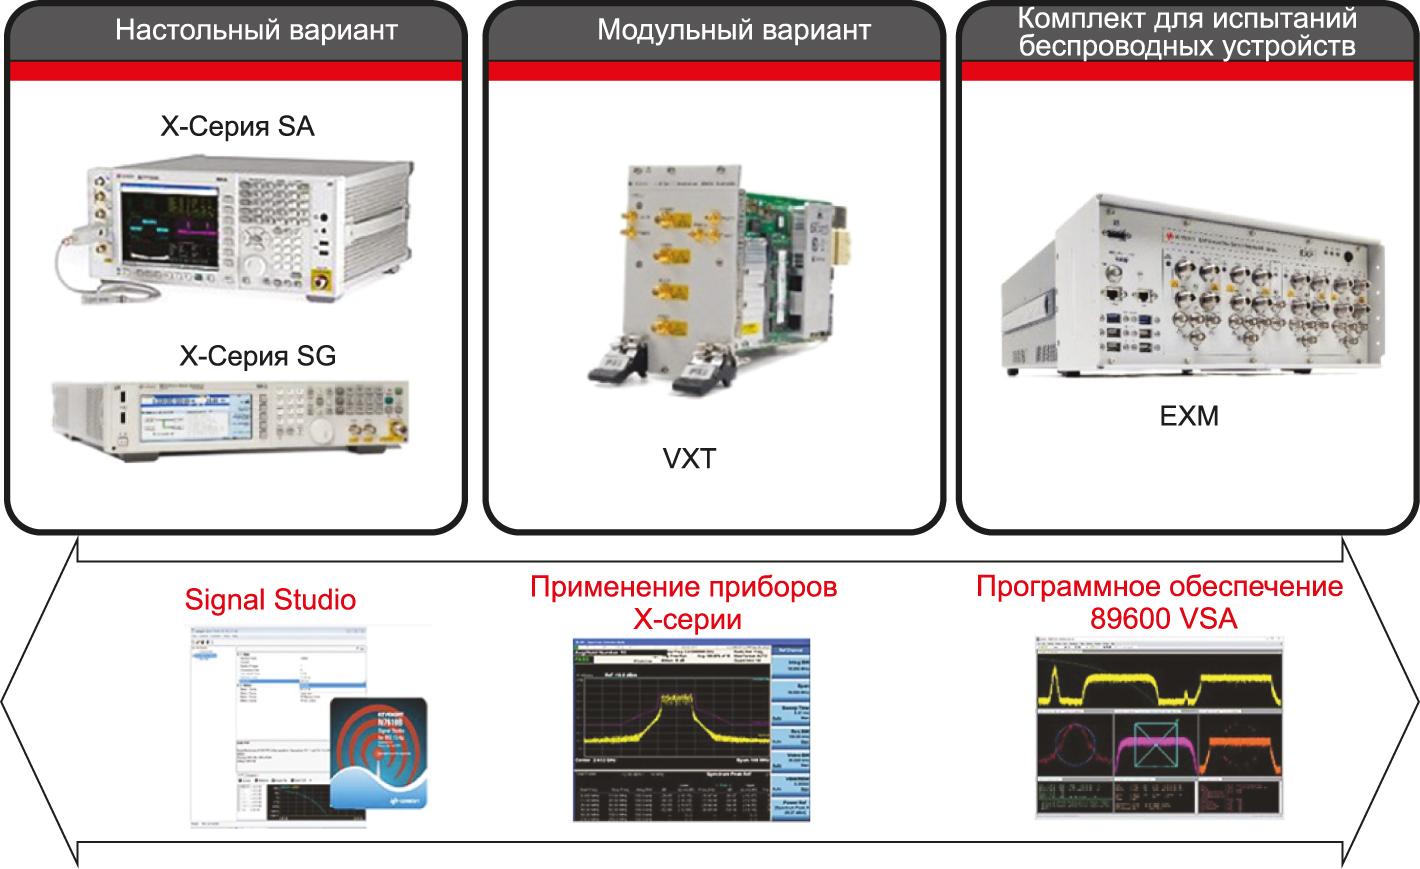 Научный подход компании Keysight в области настольного, модульного и беспроводного тестирования. Аппаратные средства (вверху) дополняет ПО (внизу), обеспечивая более широкие возможности и понимание результатов измерений